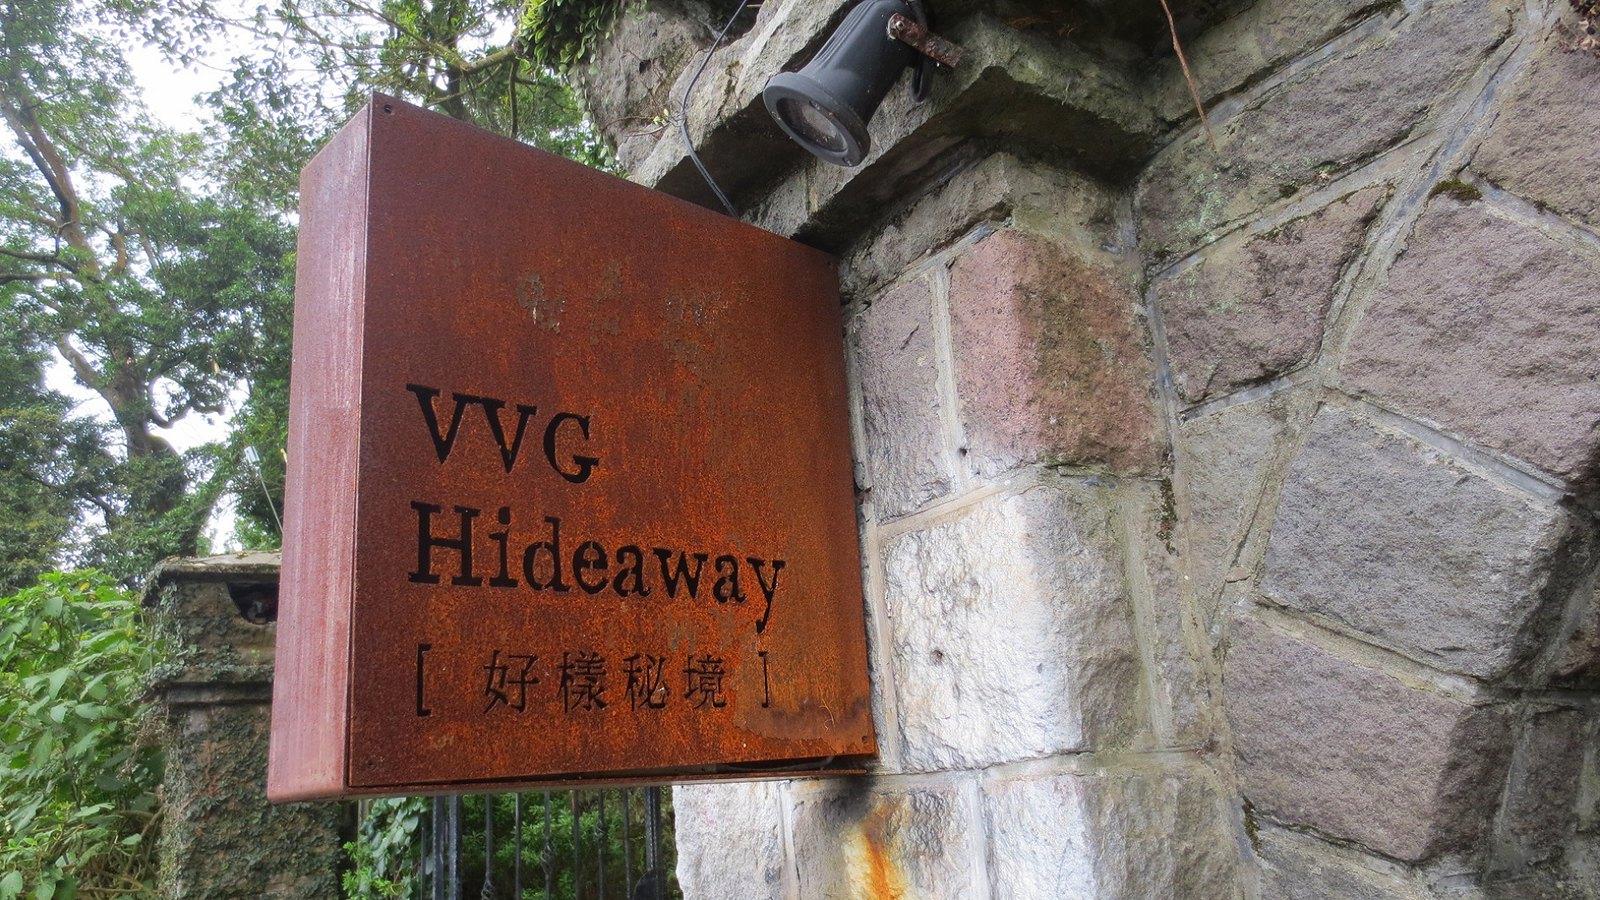 VVG Hideaway 1